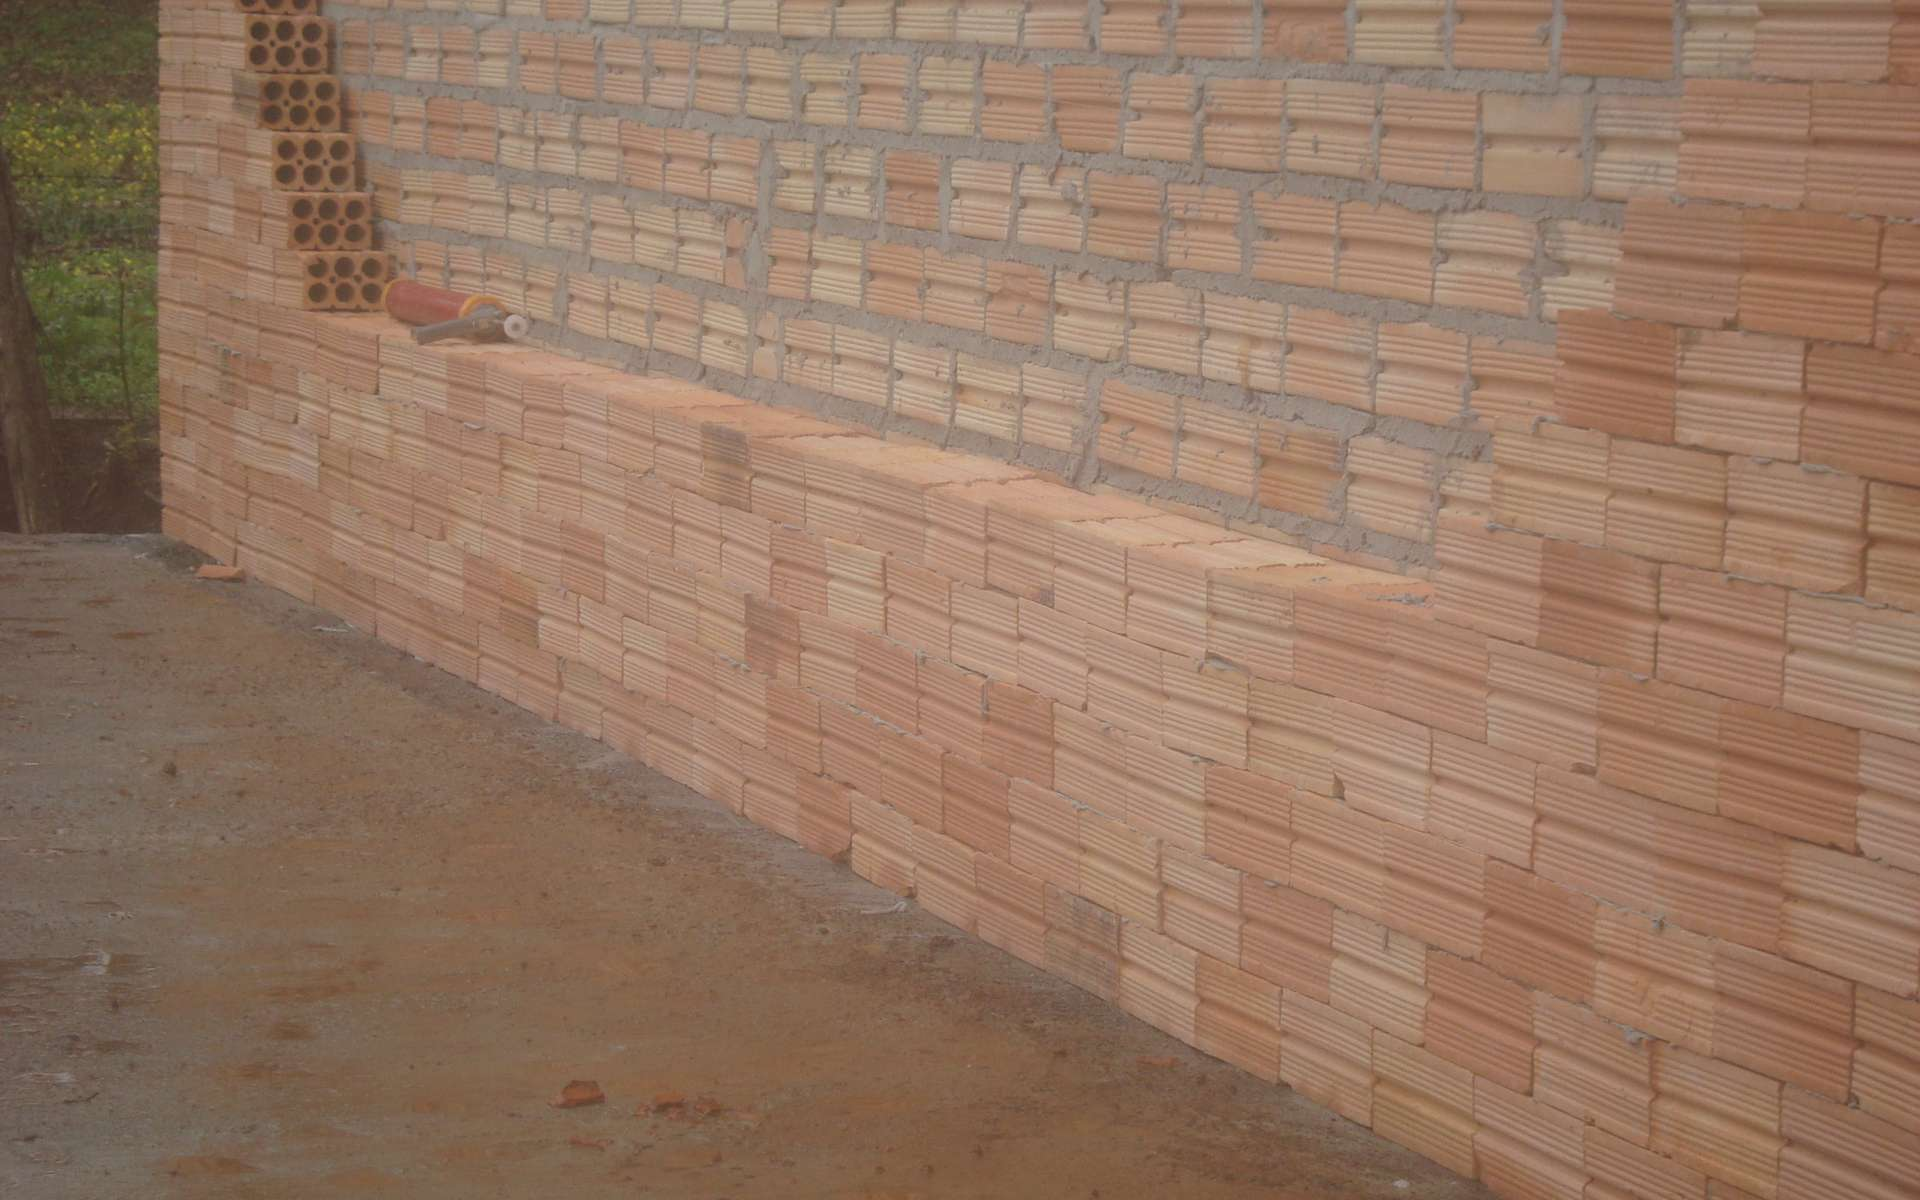 Avant d'abattre une cloison, il faut vérifier que ce n'est pas un mur porteur. © Non connu, Wikimedia CC BY-SA 3.0